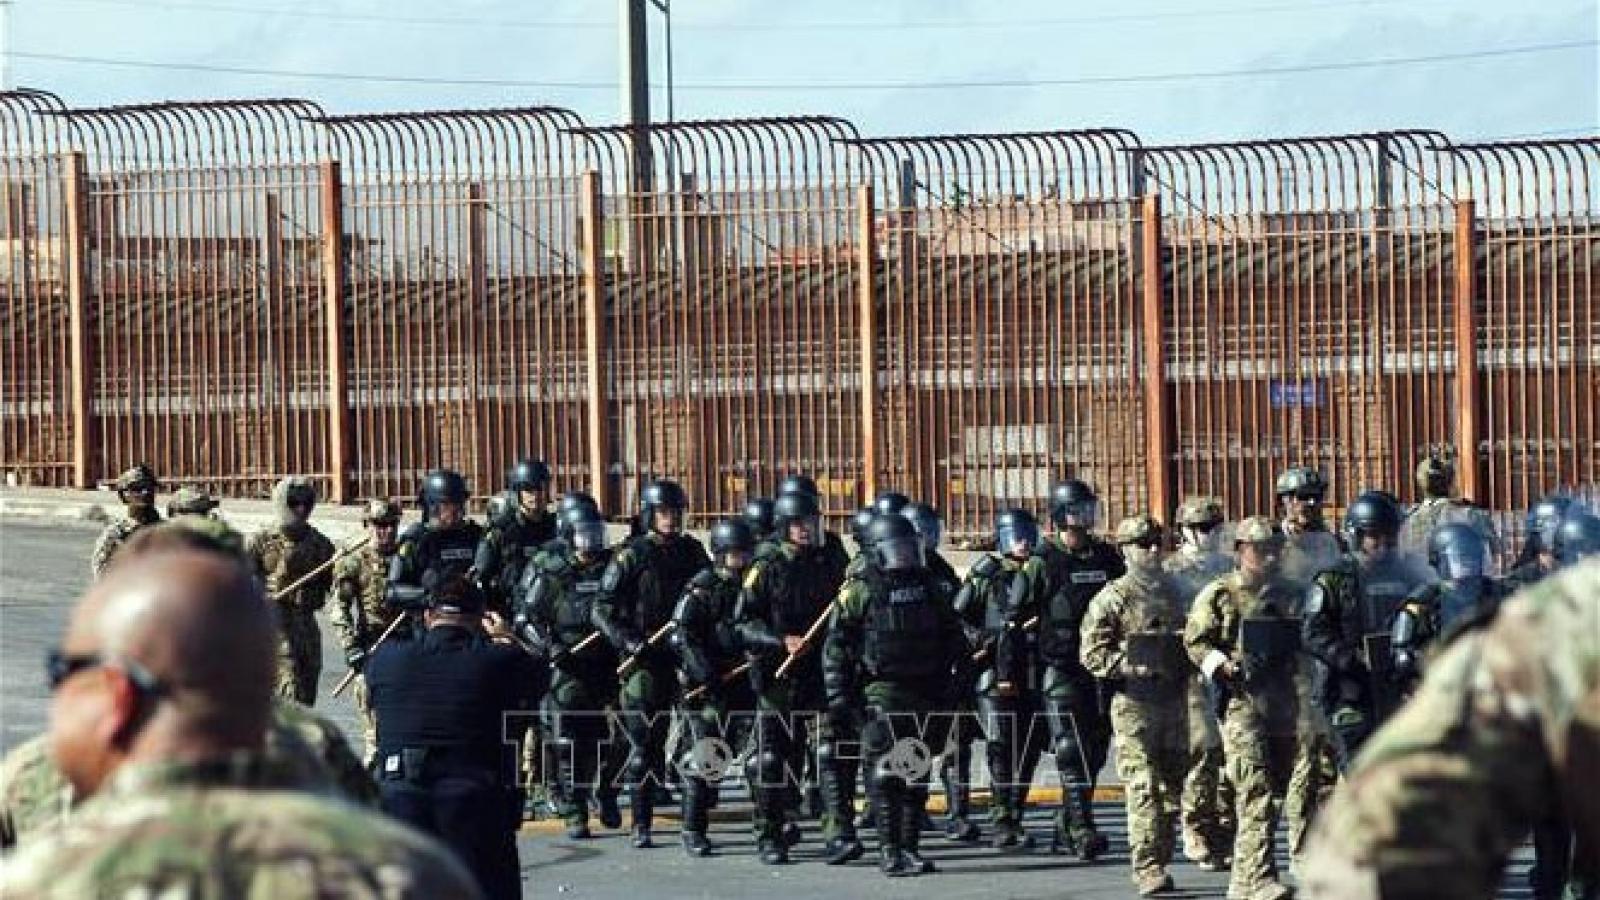 Bộ Quốc phòng Mỹ sẽ gia hạn lệnh ngừng di chuyển binh sỹ